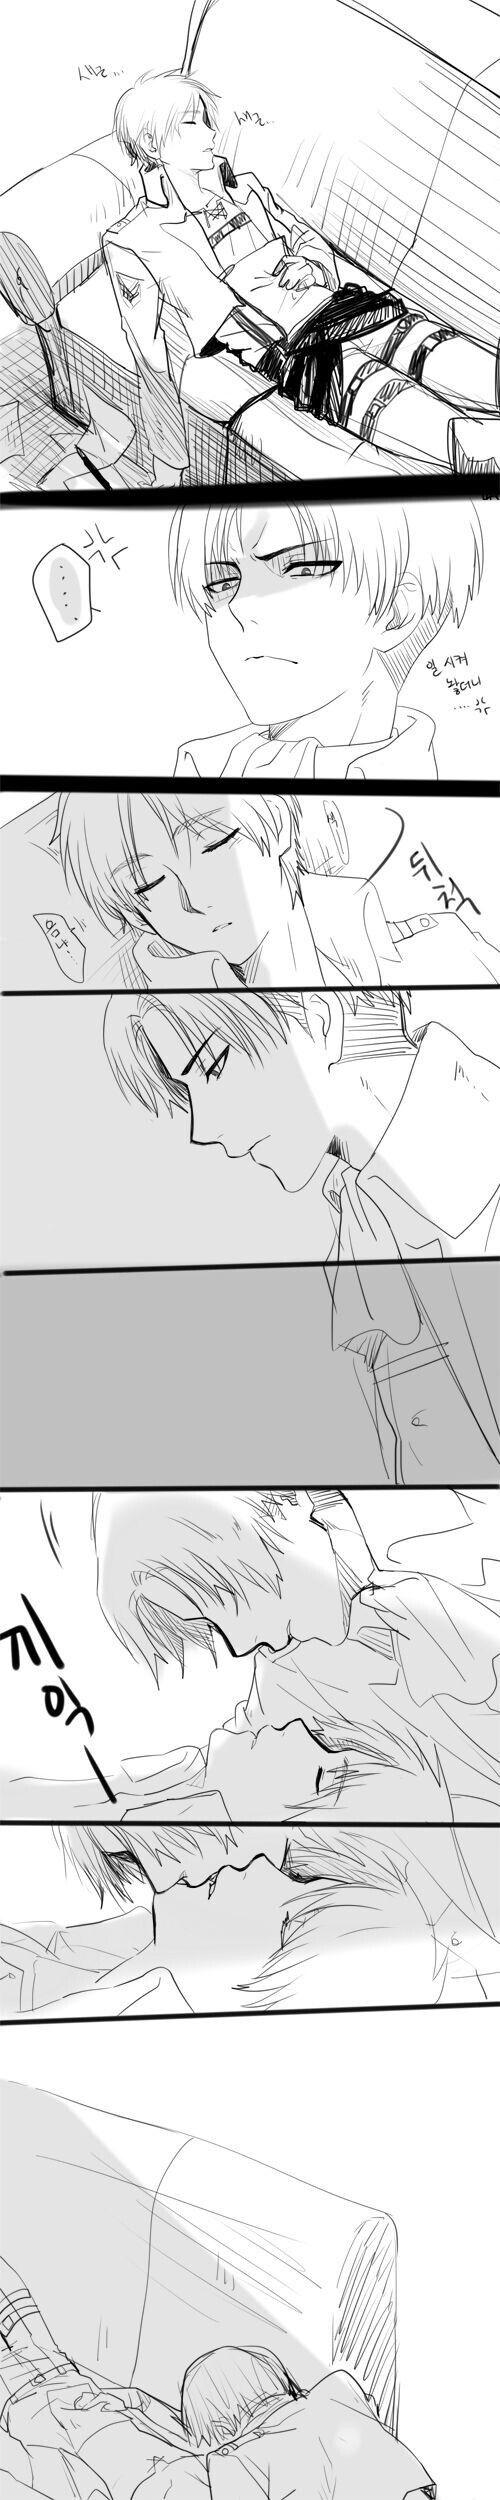 Eren is annoyingly cute